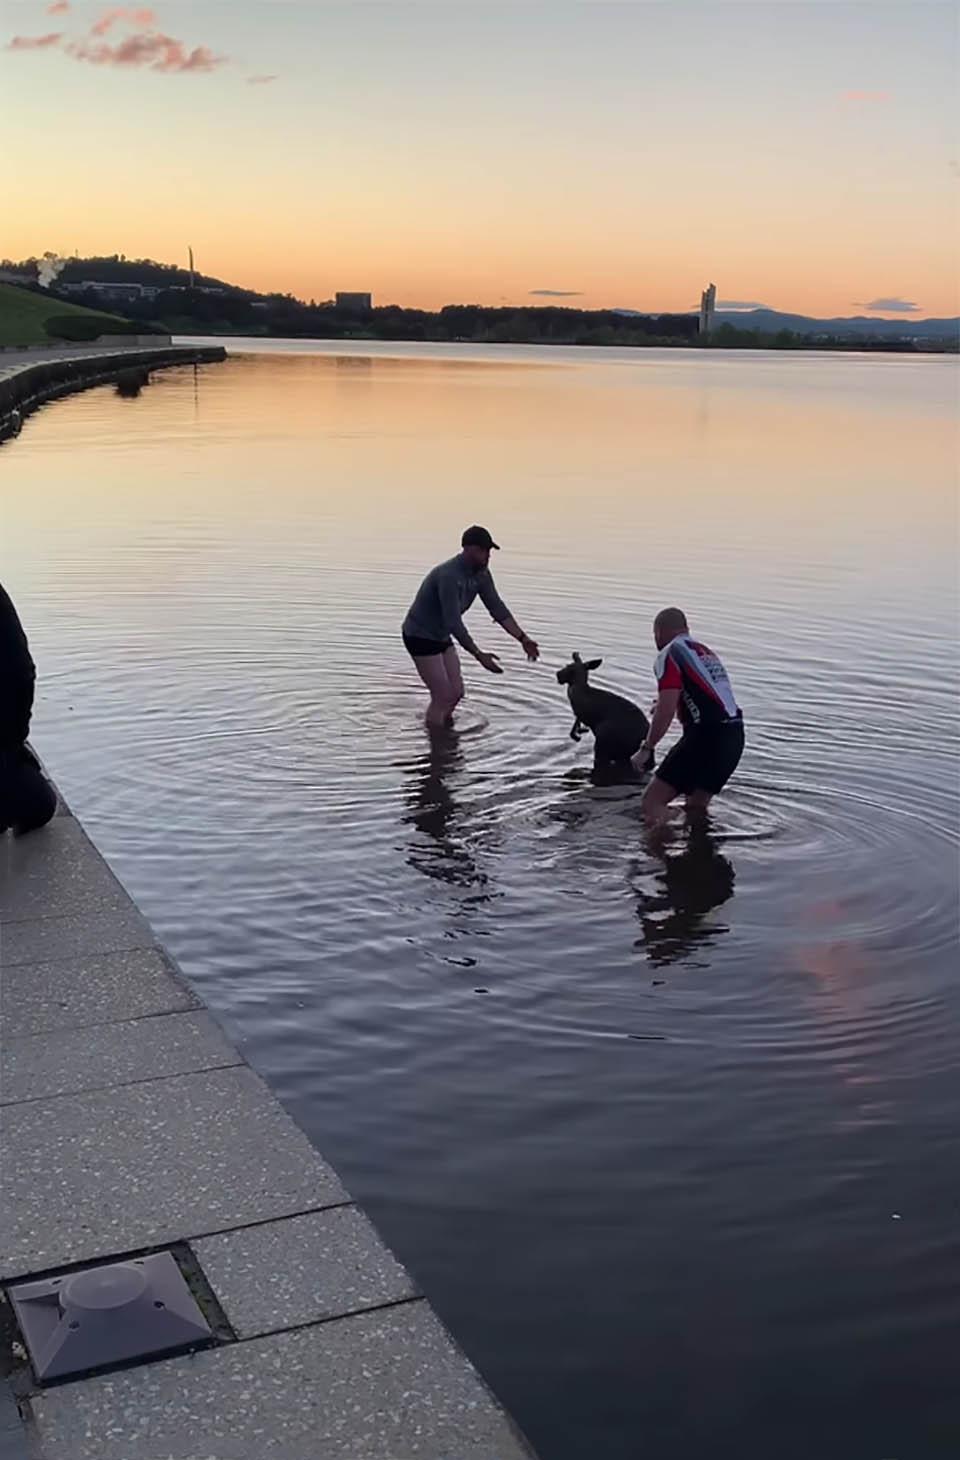 Canguro rescatado de un lago